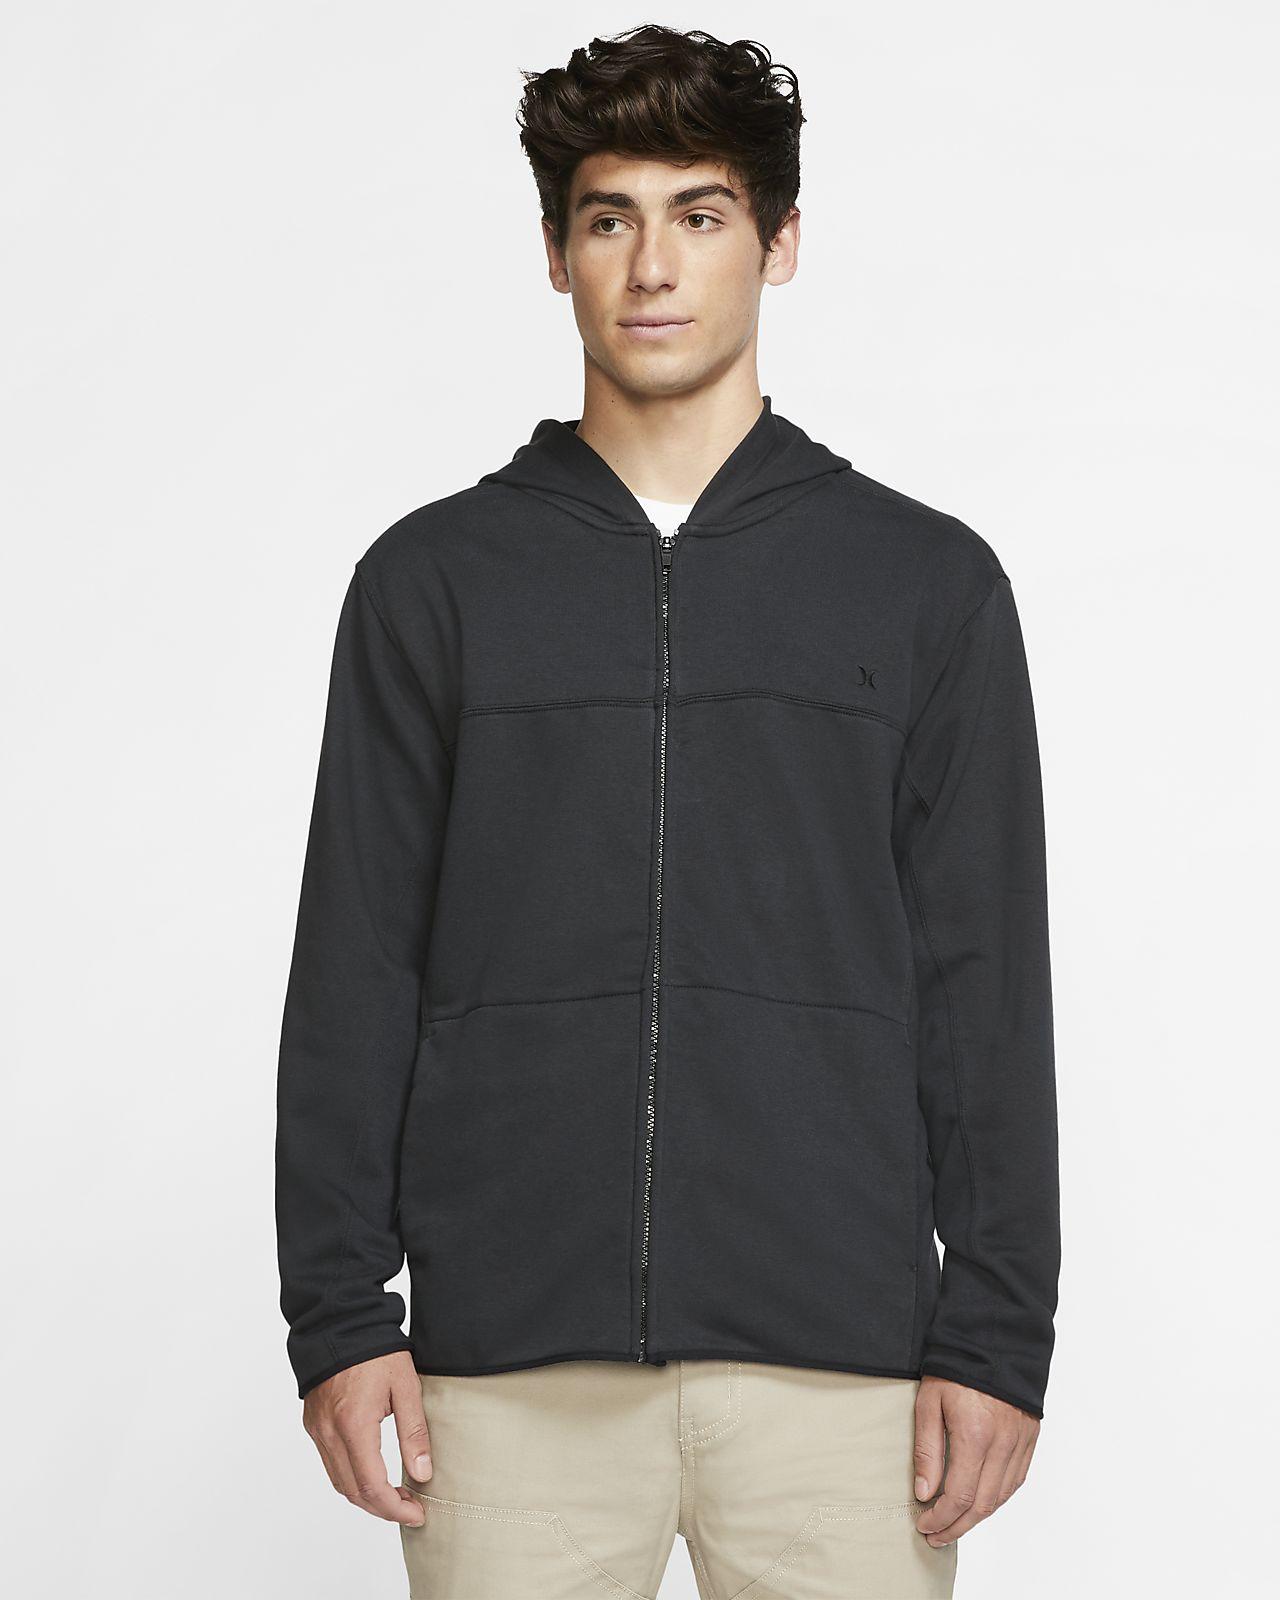 Felpa con cappuccio in fleece con zip a tutta lunghezza Hurley Dri-FIT Naturals - Uomo